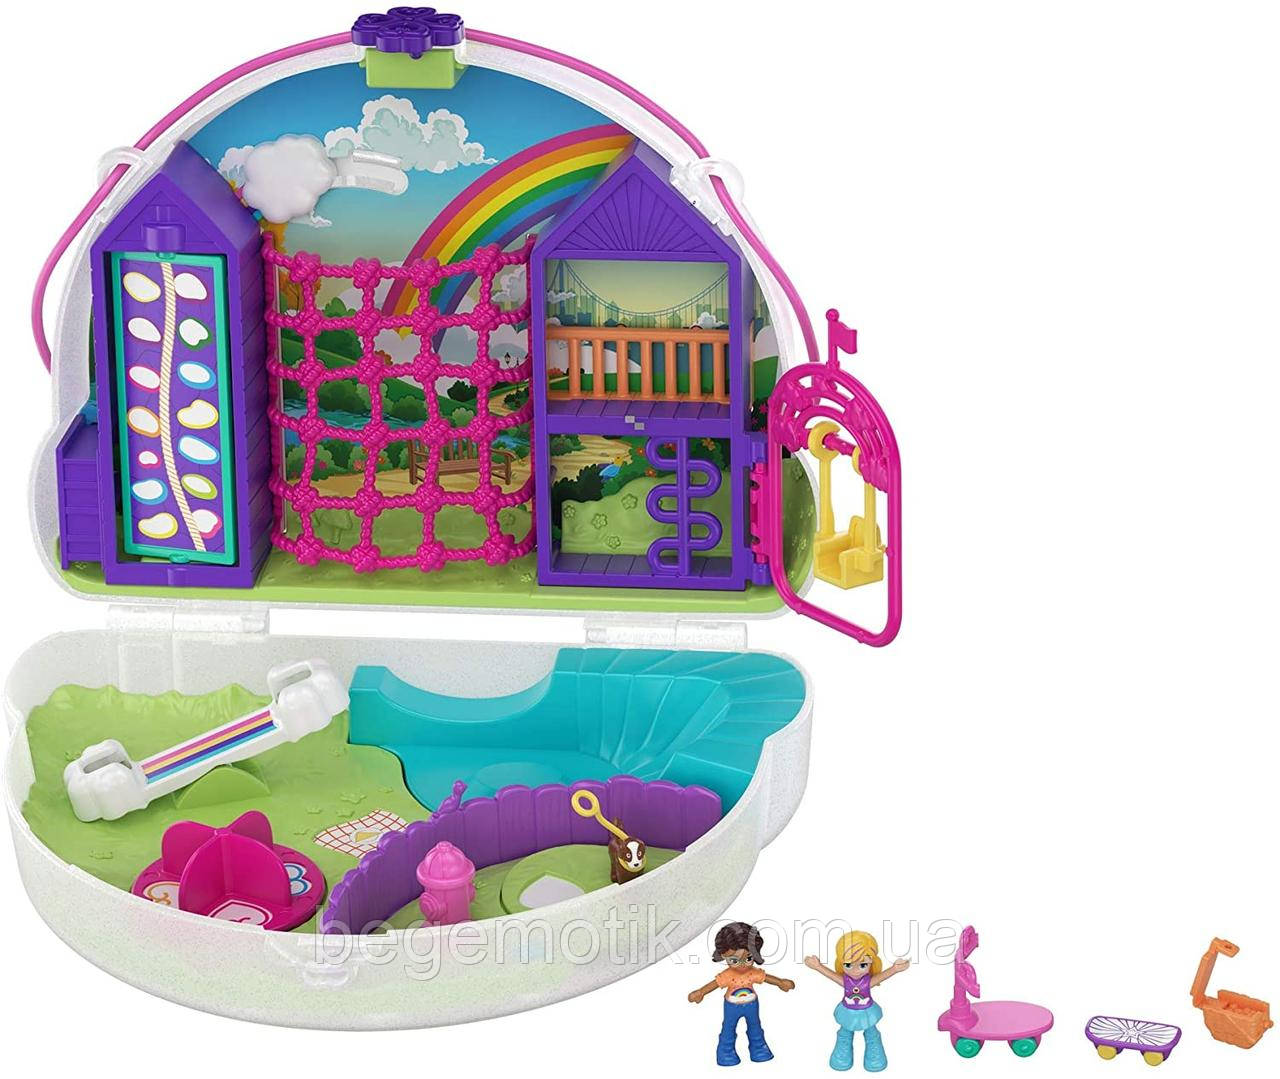 Игровой набор Полли Покет Радуга GKJ65 Polly Pocket Rainbow Dream Purse